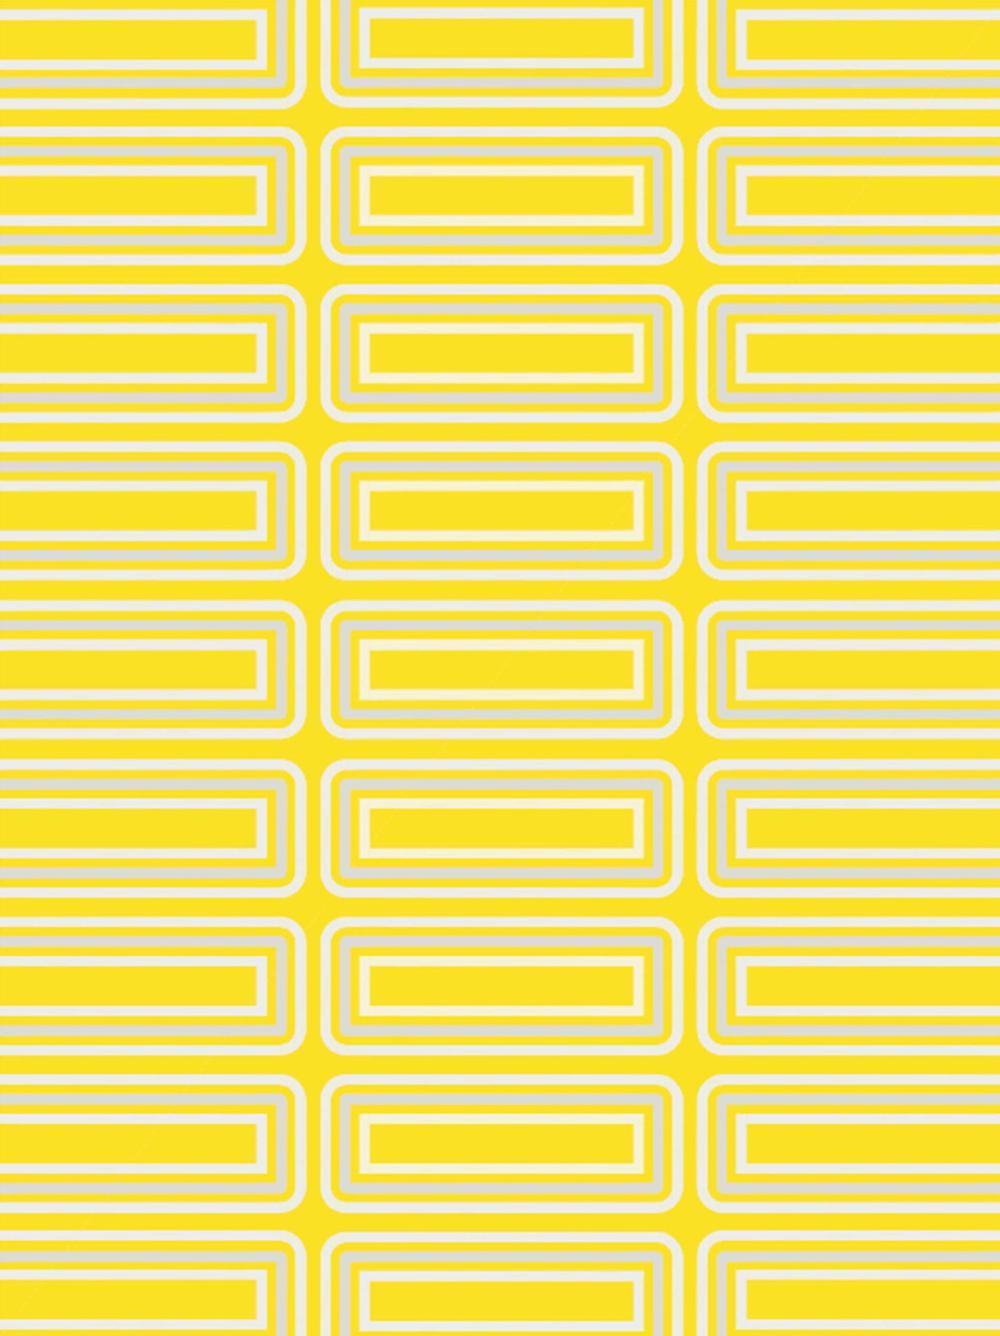 TERRACE in Yellow